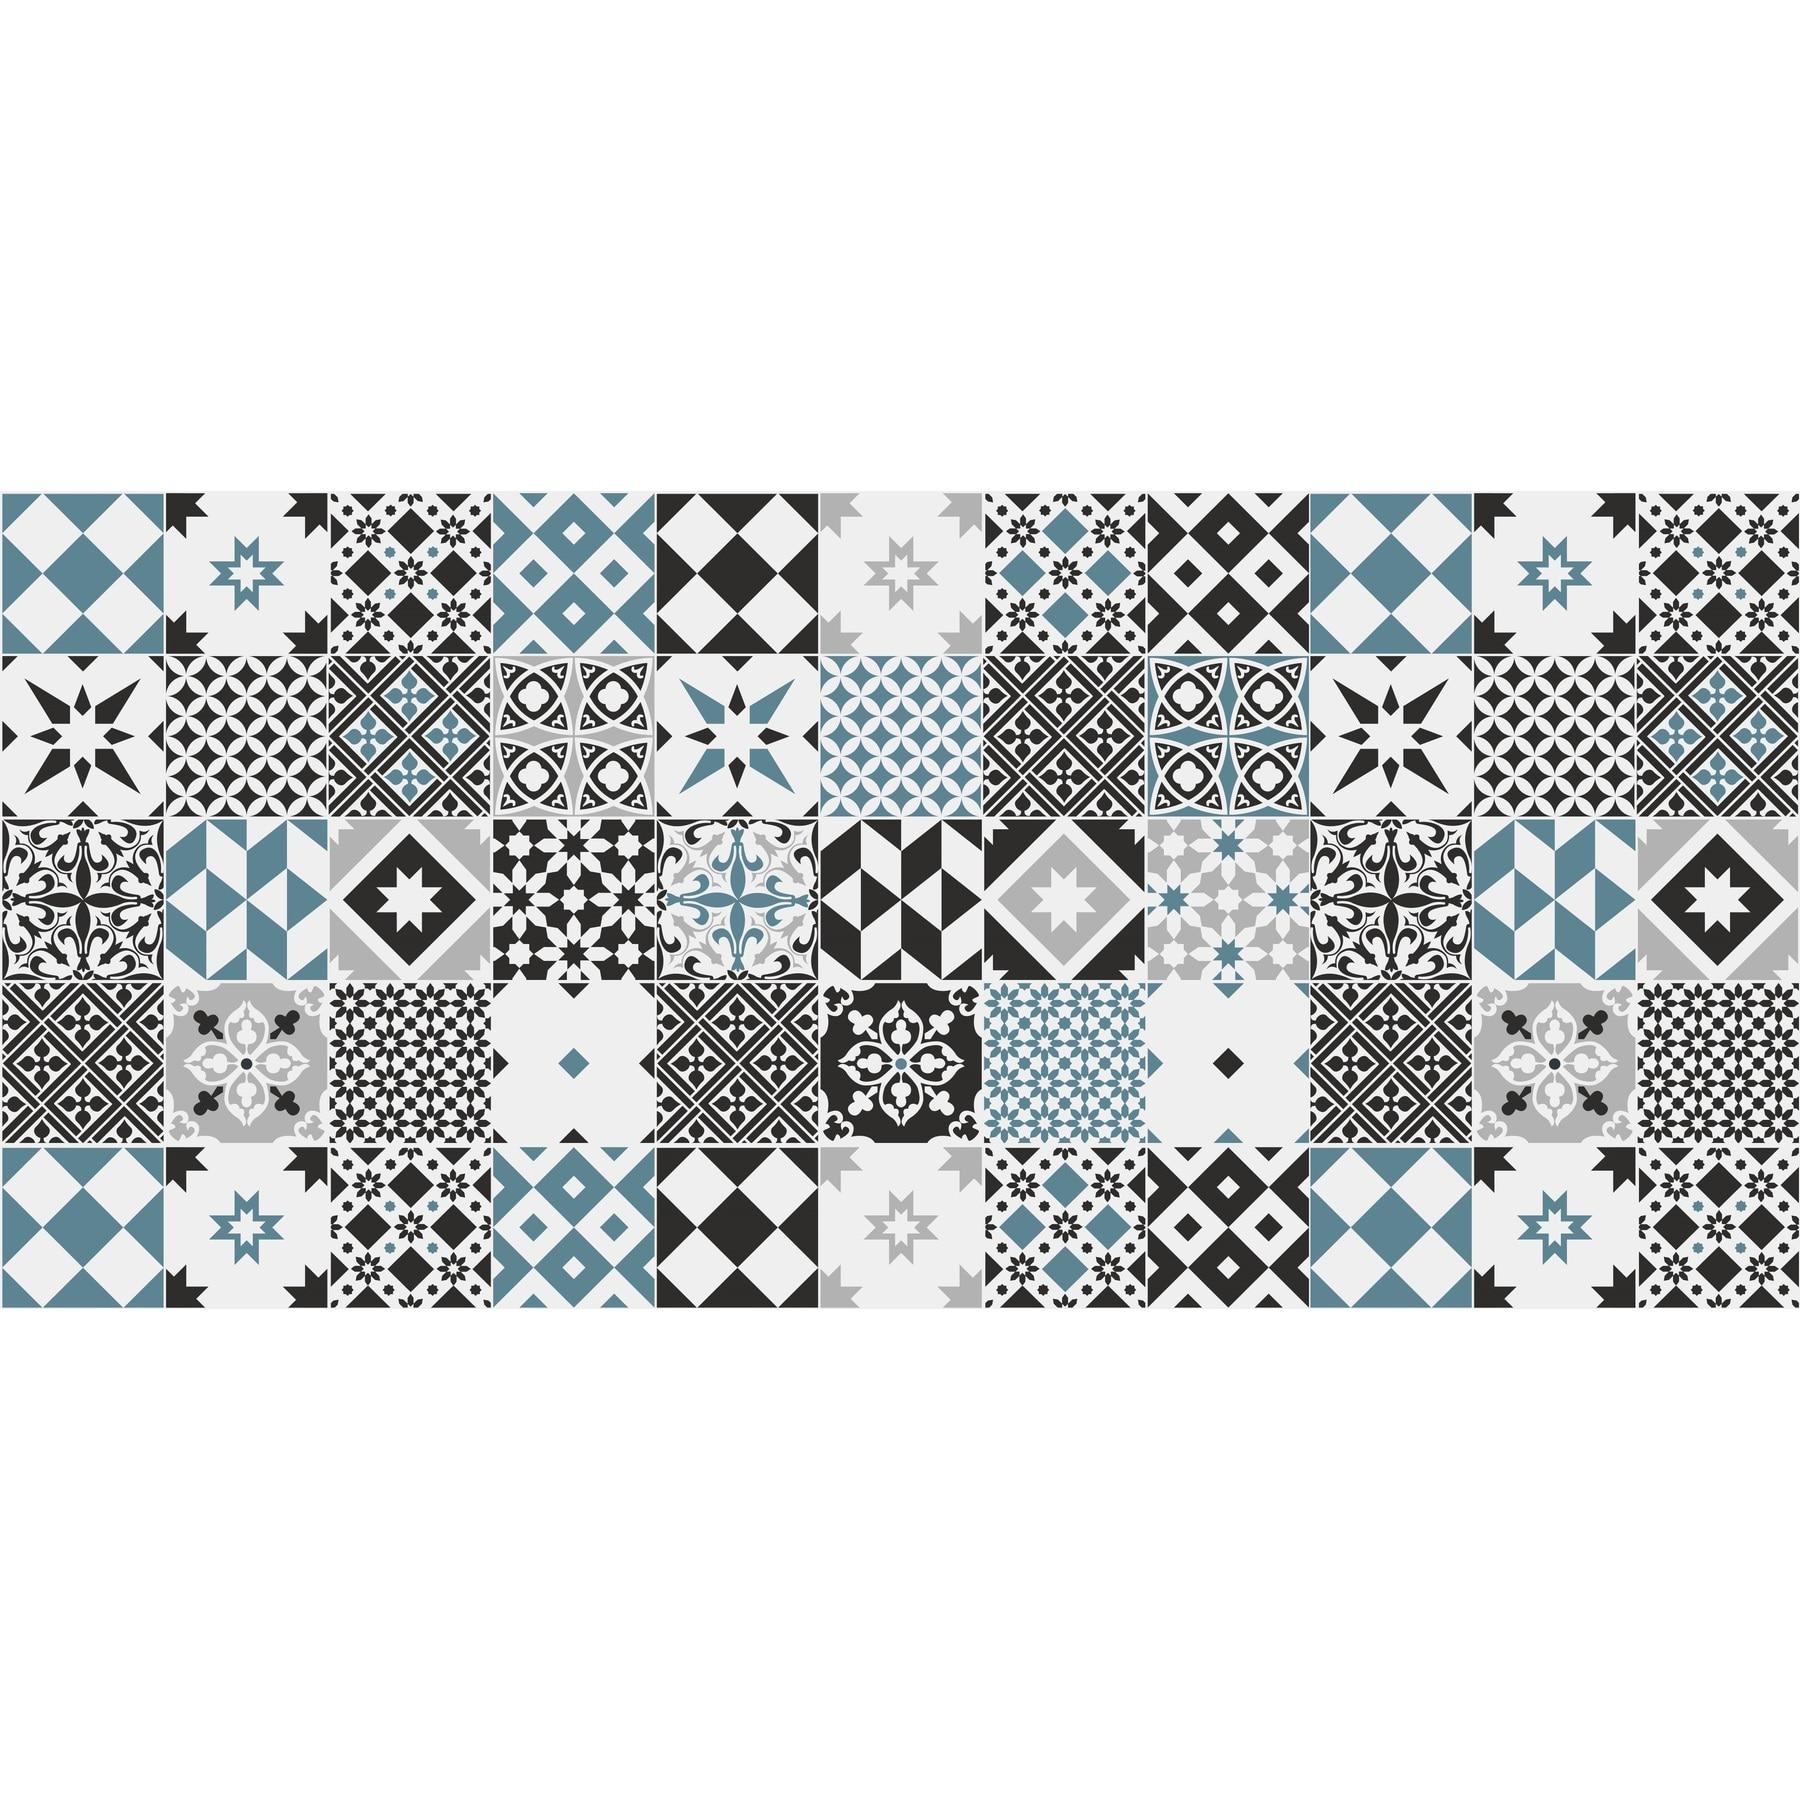 40X60cm Alfombra VINILICA Estampada Vinilo DE PVC F/ÁCIL Limpieza Antideslizante Acolchada BALDOSA HIDR/ÁULICA Azul